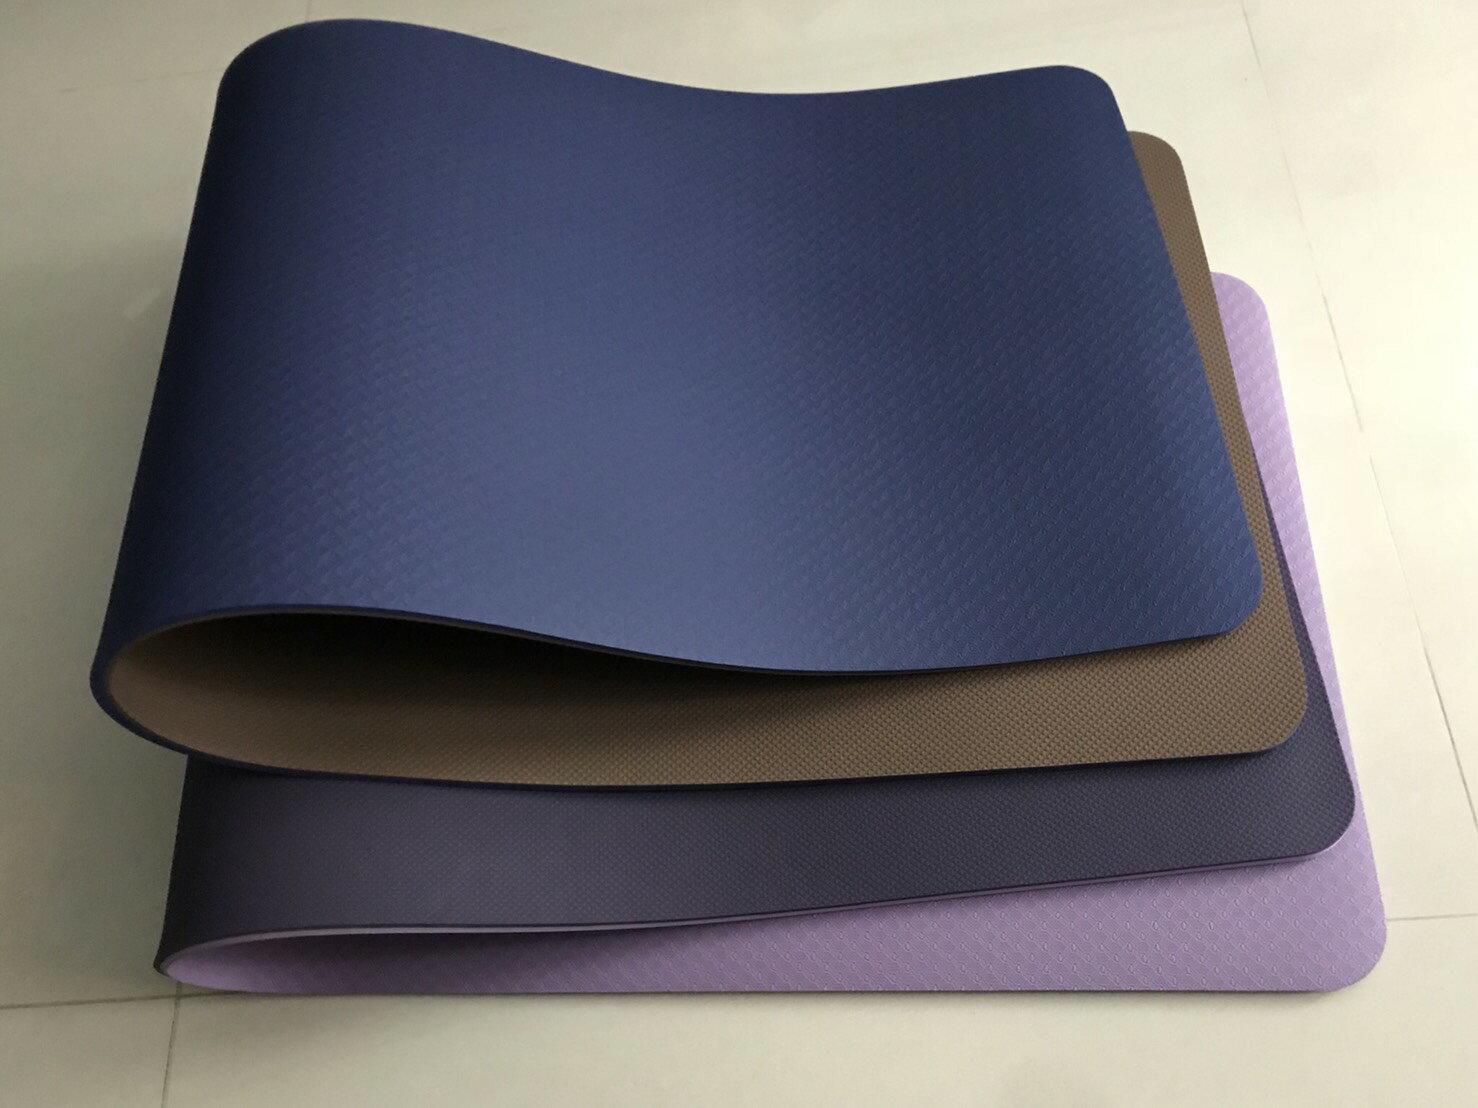 居家防疫 居家運動  可水洗 瑜珈墊 - 10mm 雙色系列 各色 瑜珈 健身 運動 伸展 拉筋 靜坐 放鬆【QMAT】